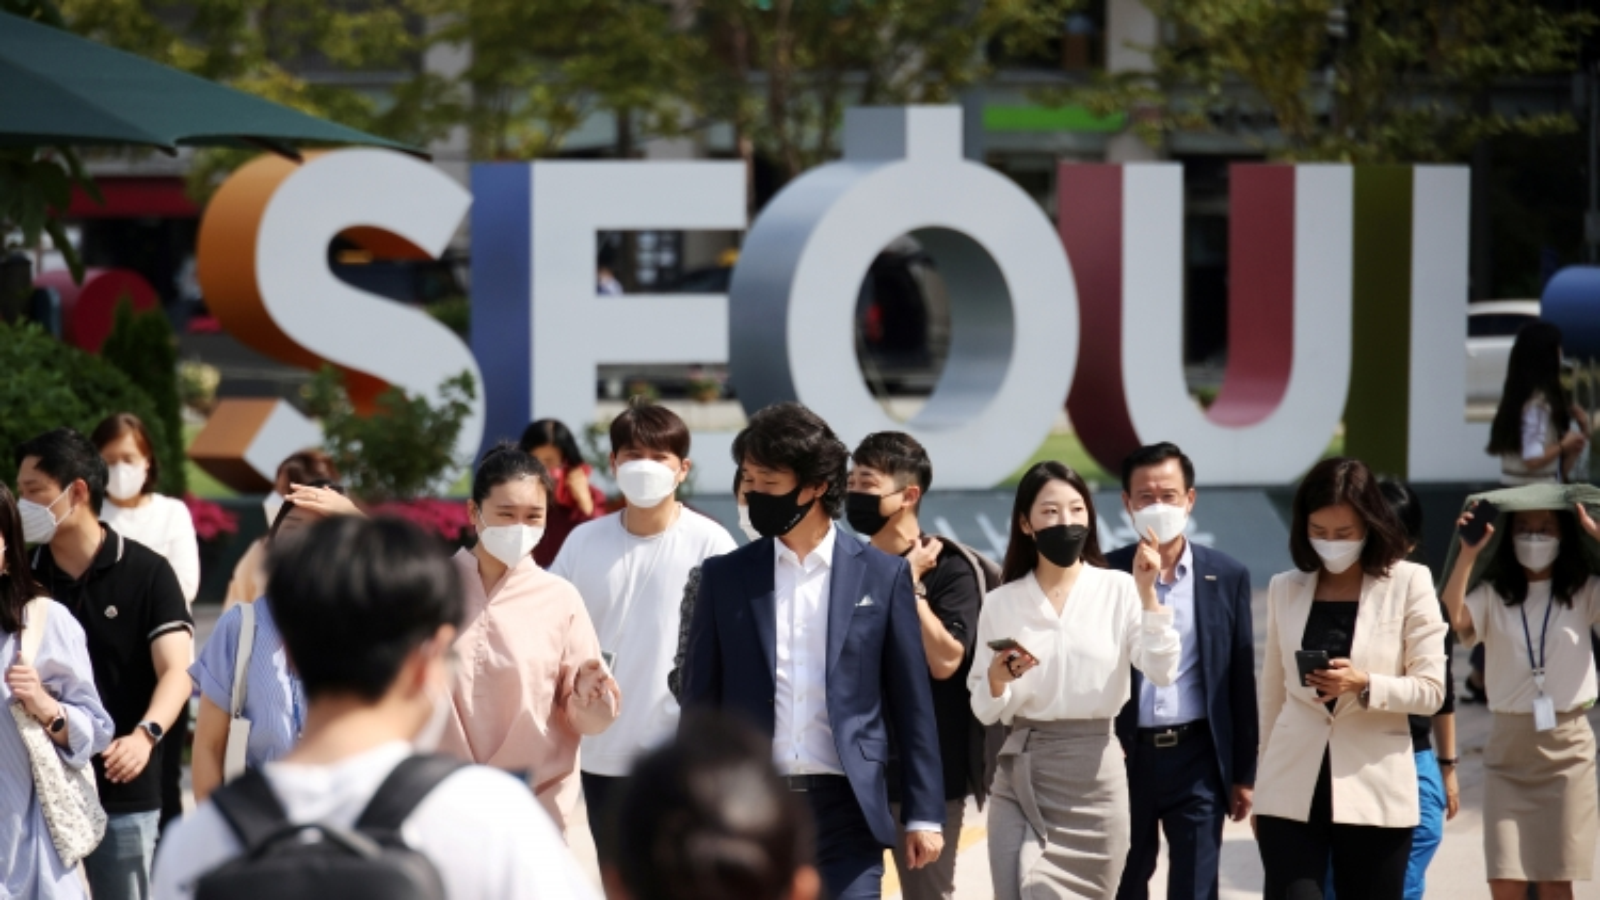 Hàn Quốc bắt đầu tiêm vaccine Covid-19 cho trẻ em từ 12 tuổi